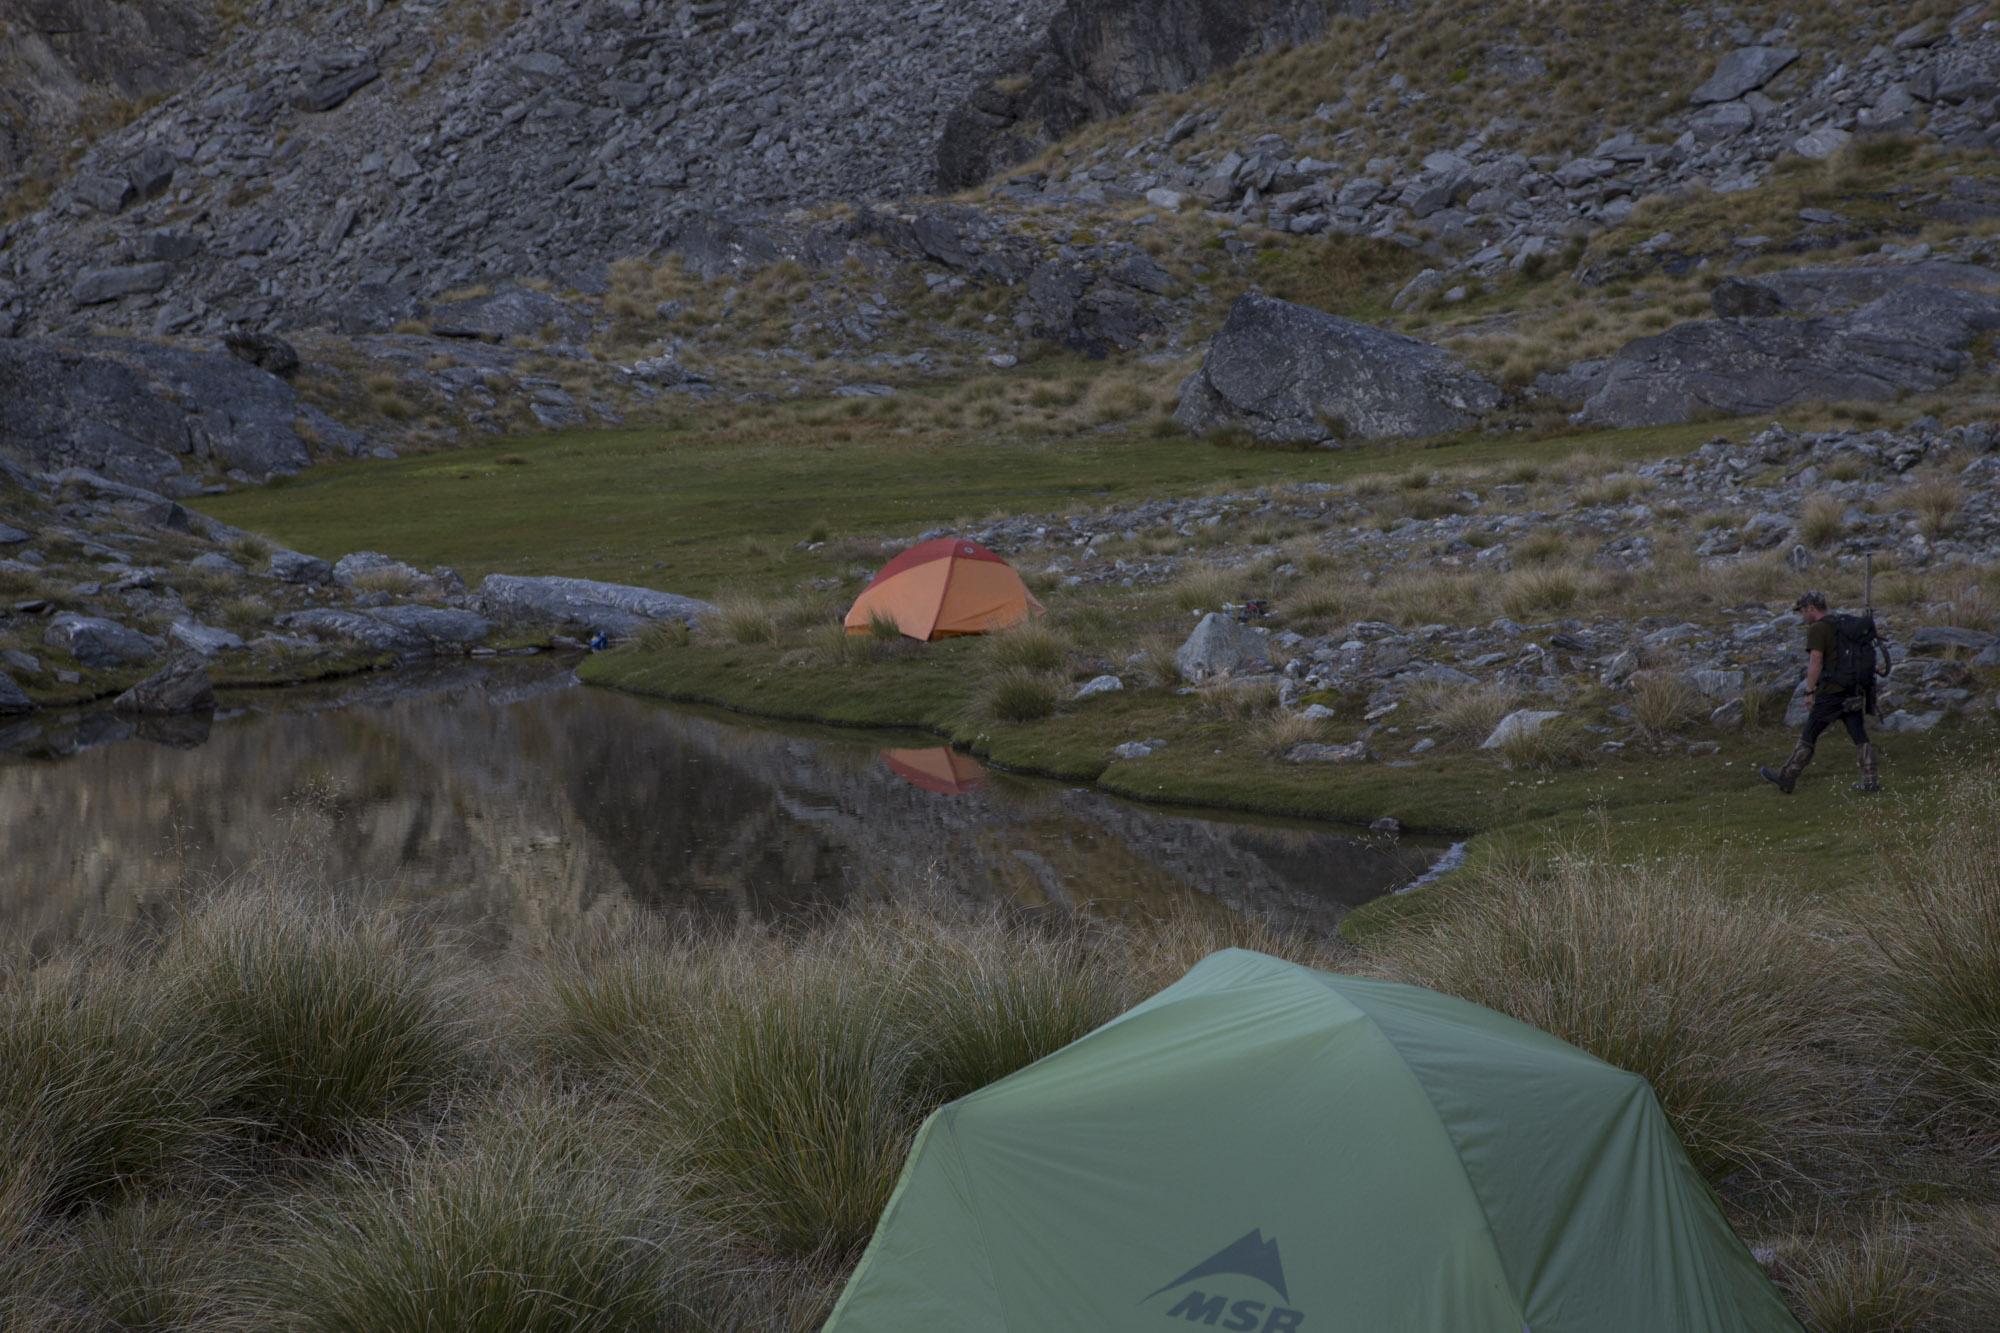 Camp at 1600m